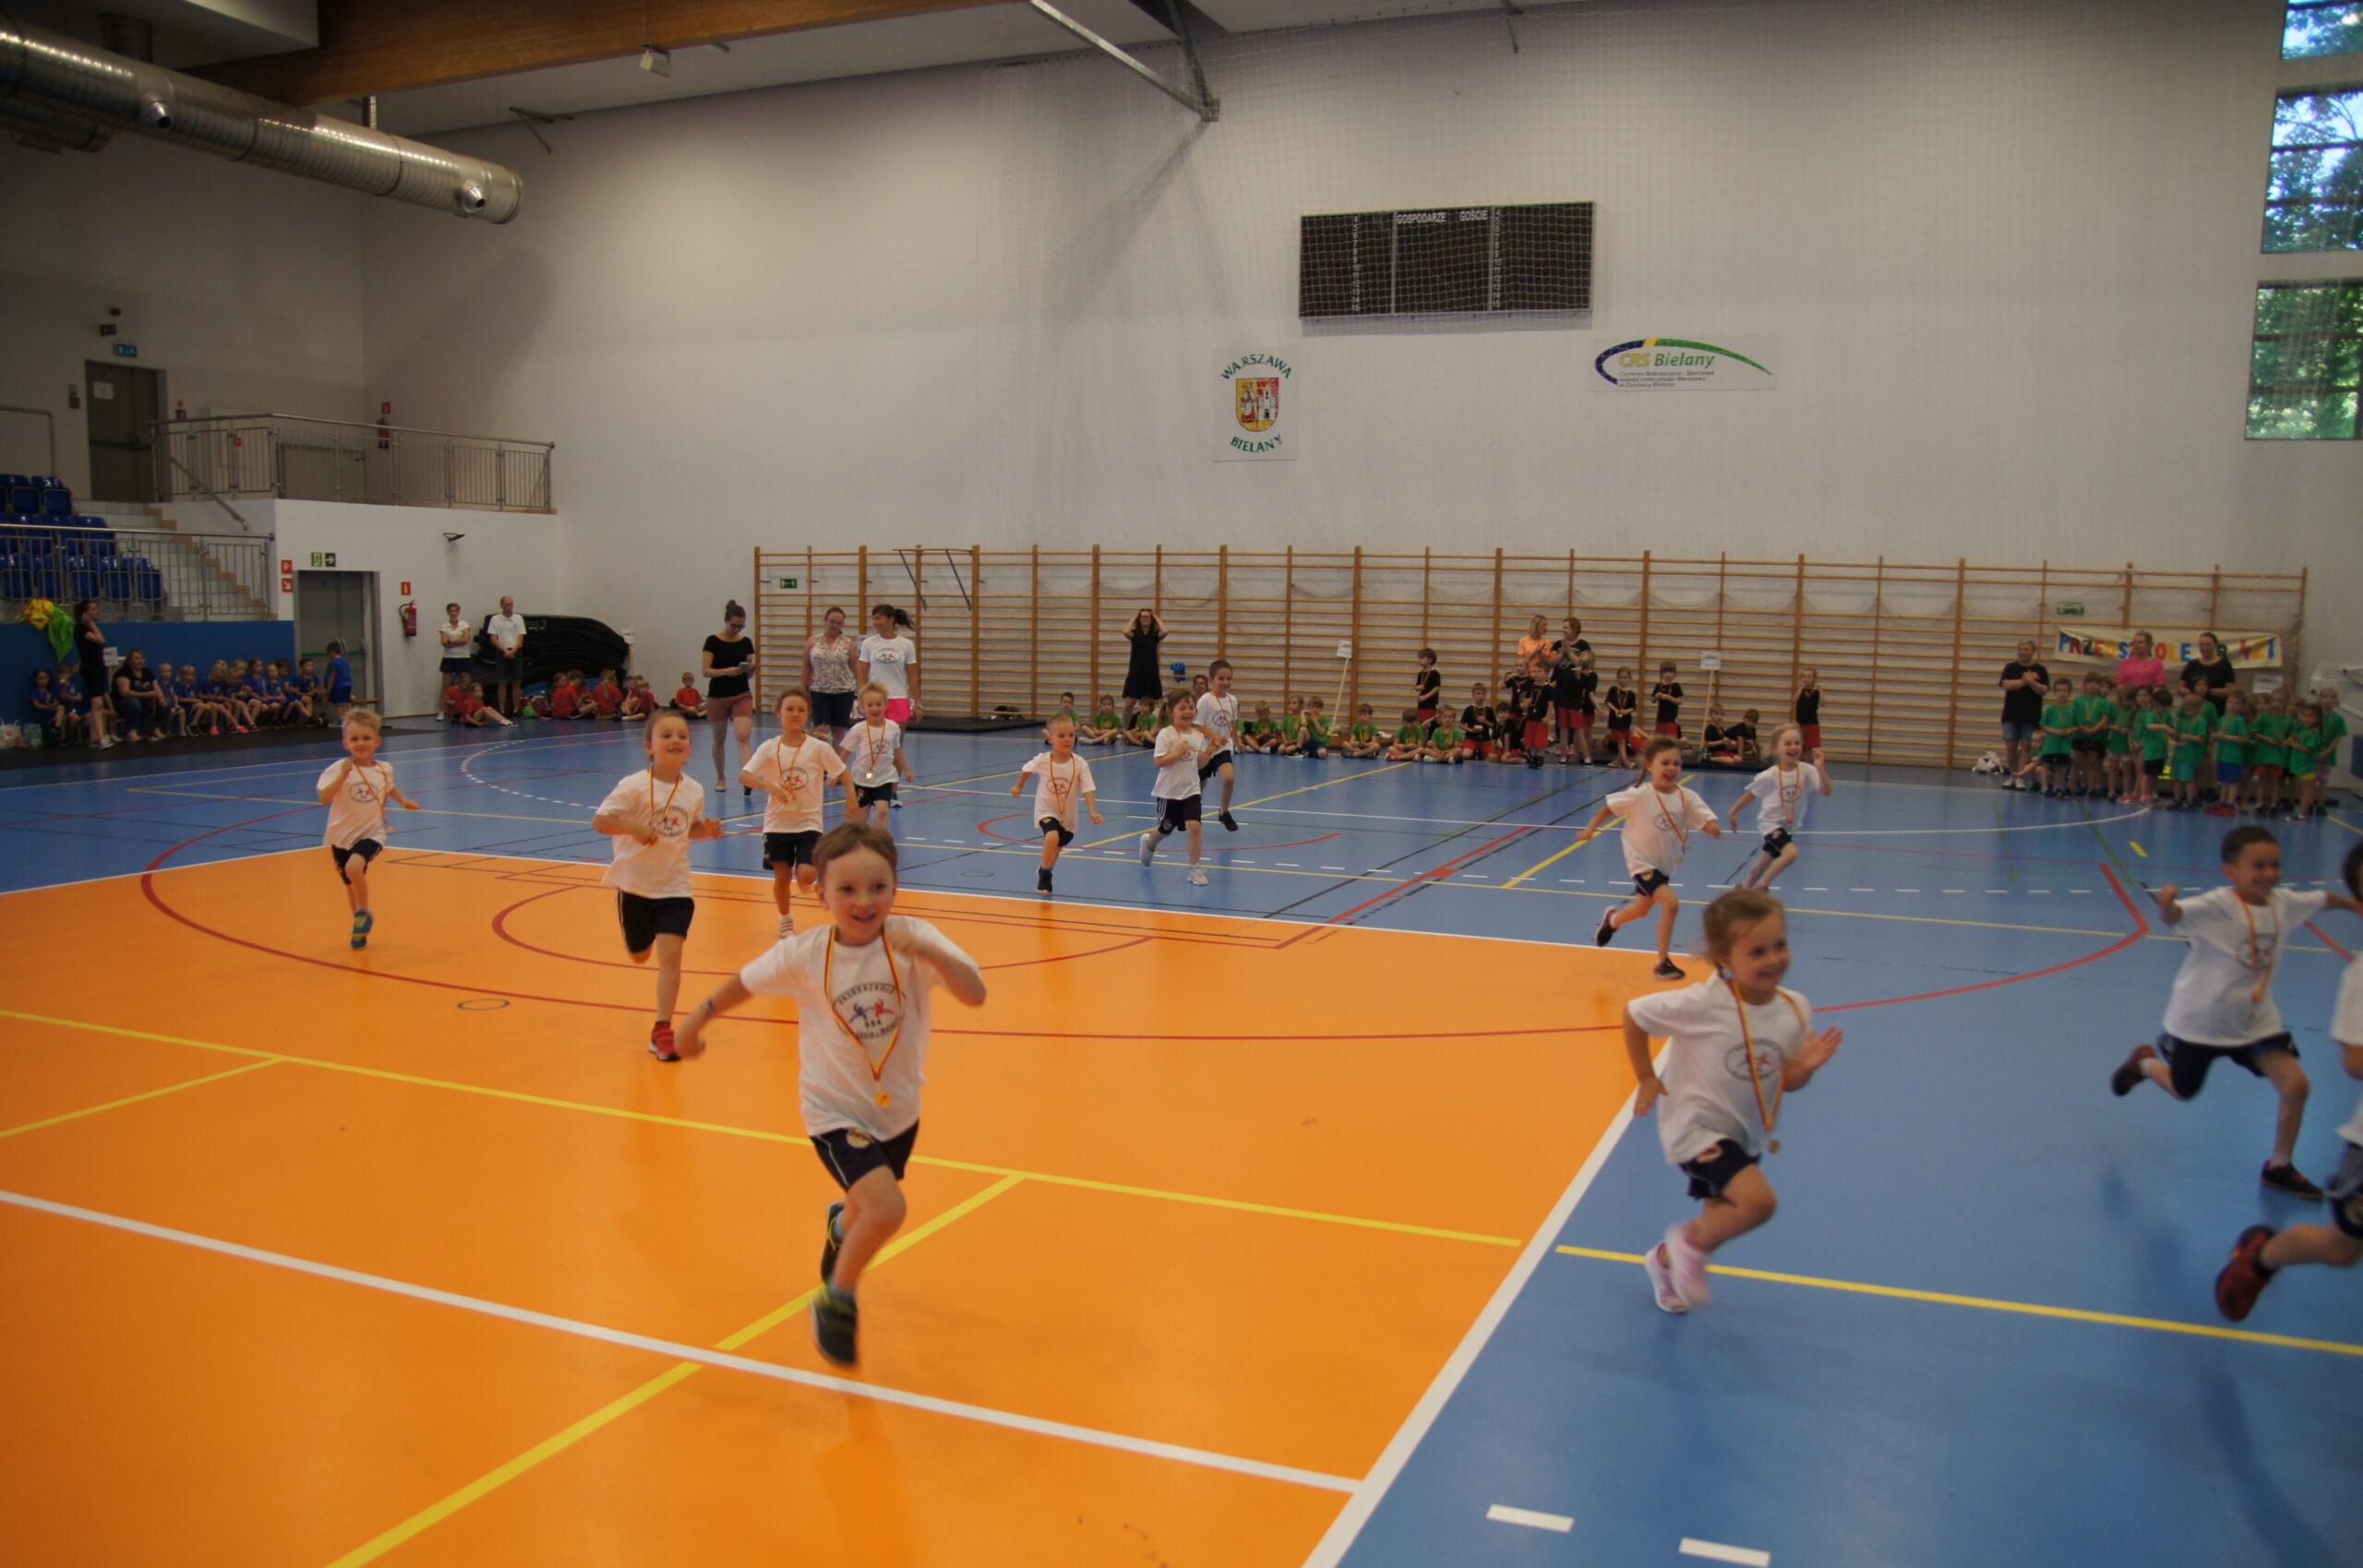 Małe dzieci biegną podczas zawodów sportowych.